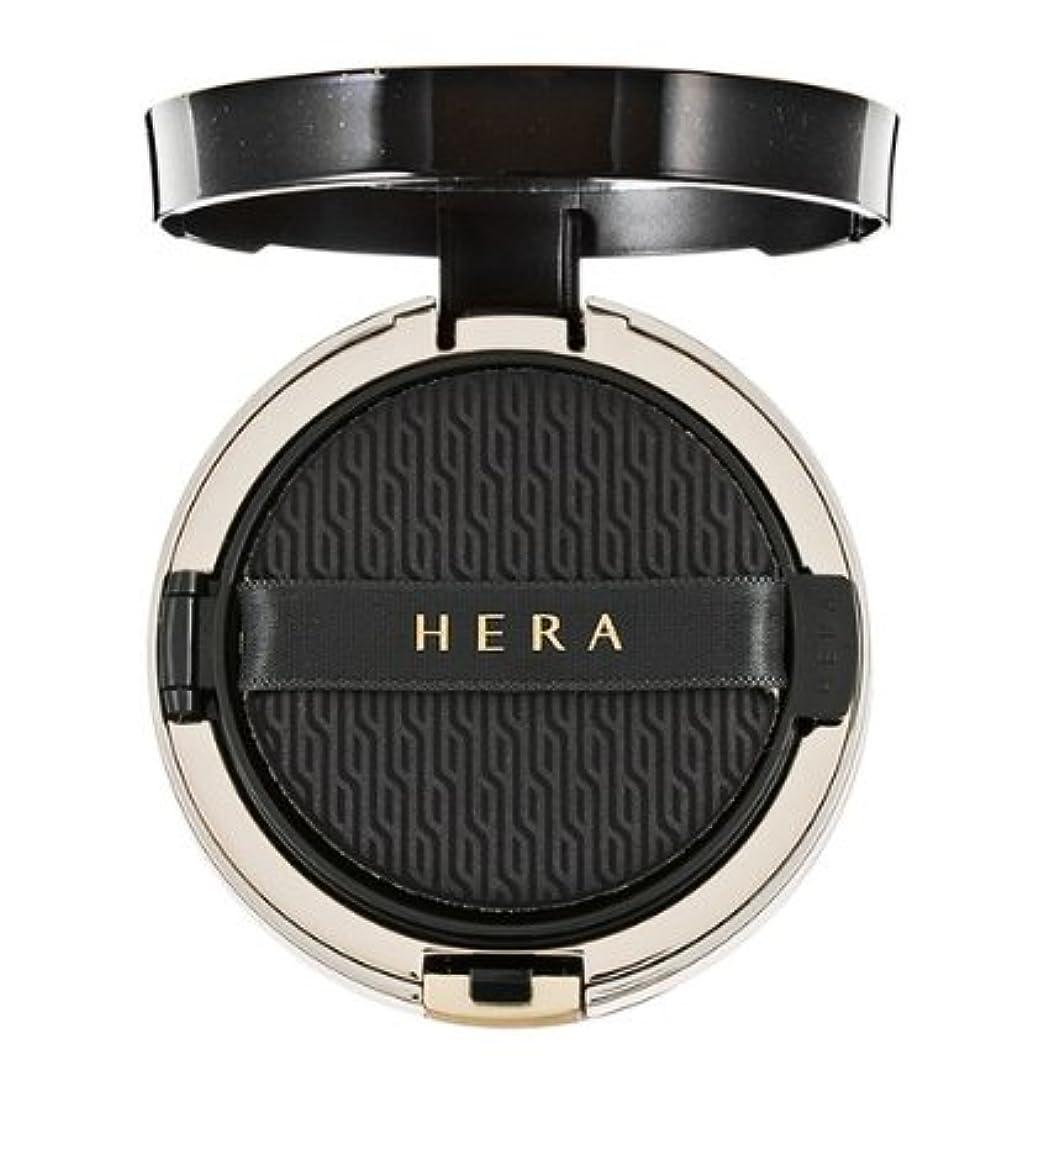 特別なロードハウス価値(ヘラ) Hera ブラッククッション SPF34/PA++ 本品15g+リフィール15g / Black Cushion SPF34/PA++ 15g+Refil15g (No.23 Beige) (韓国直発送) shumaman